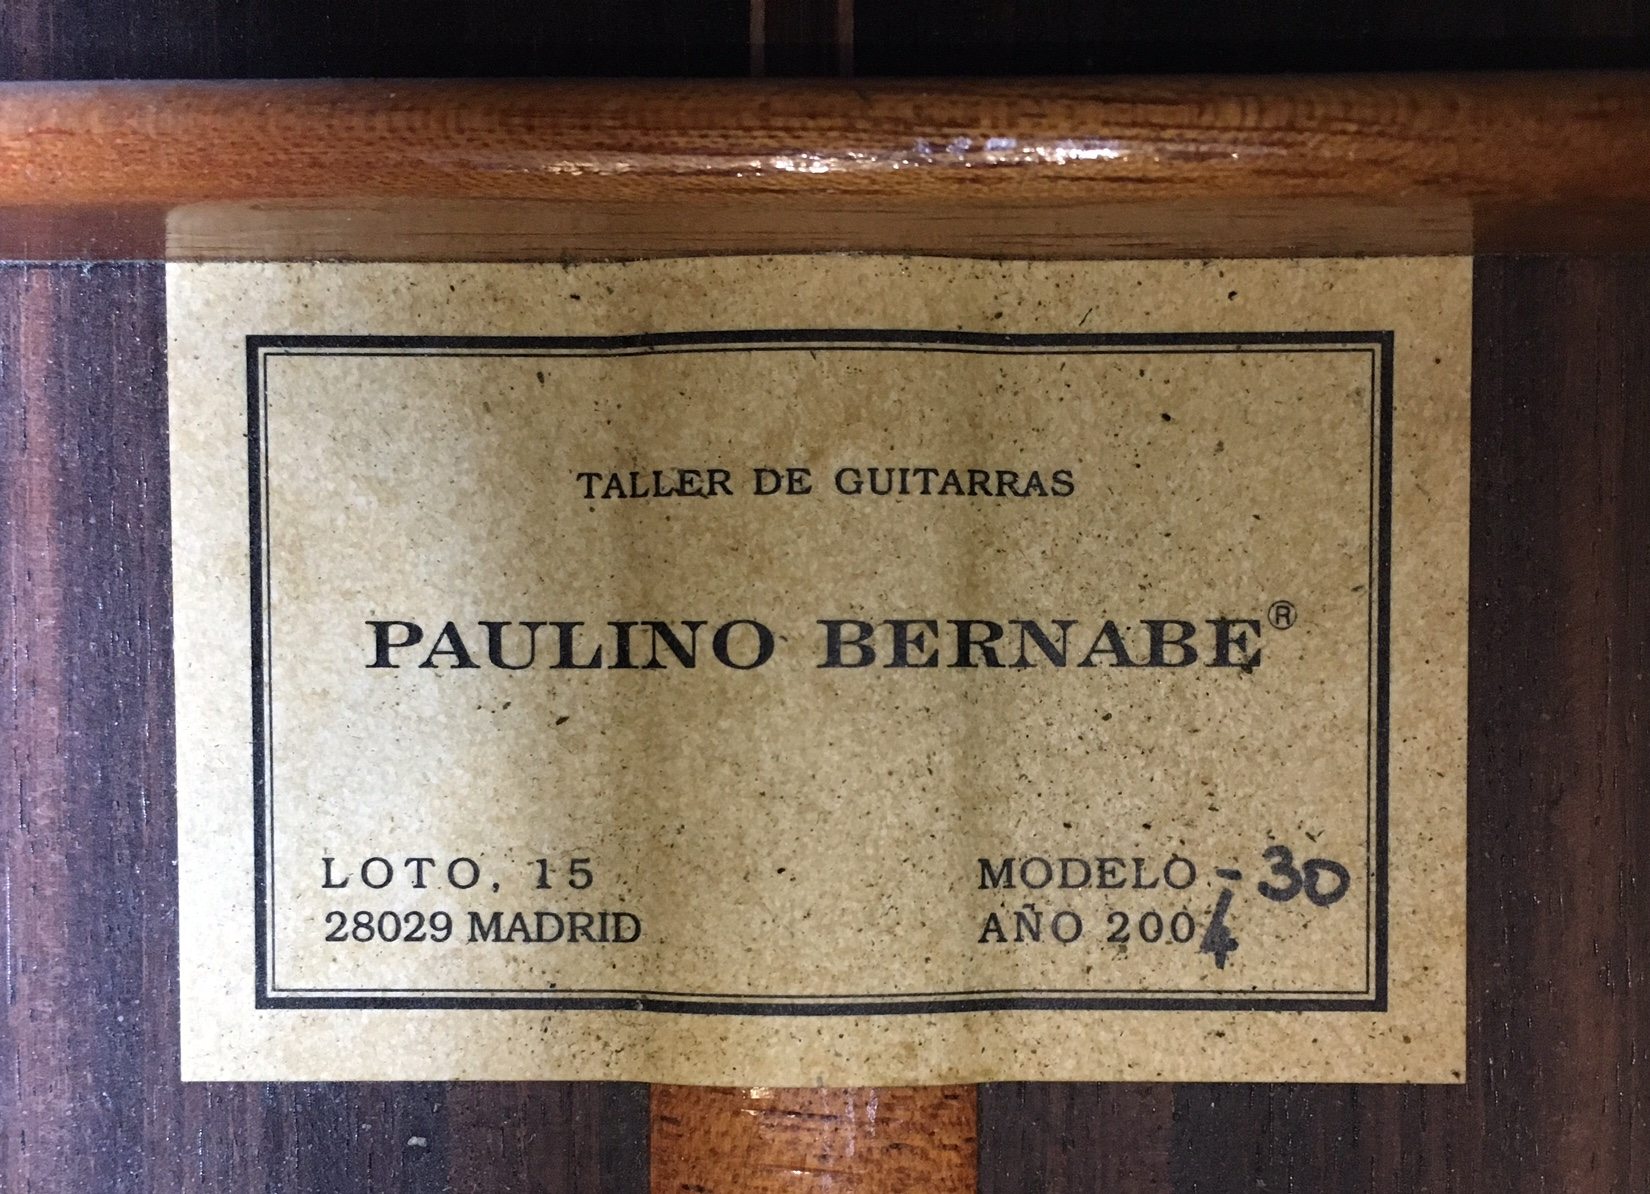 Paulino Bernabe